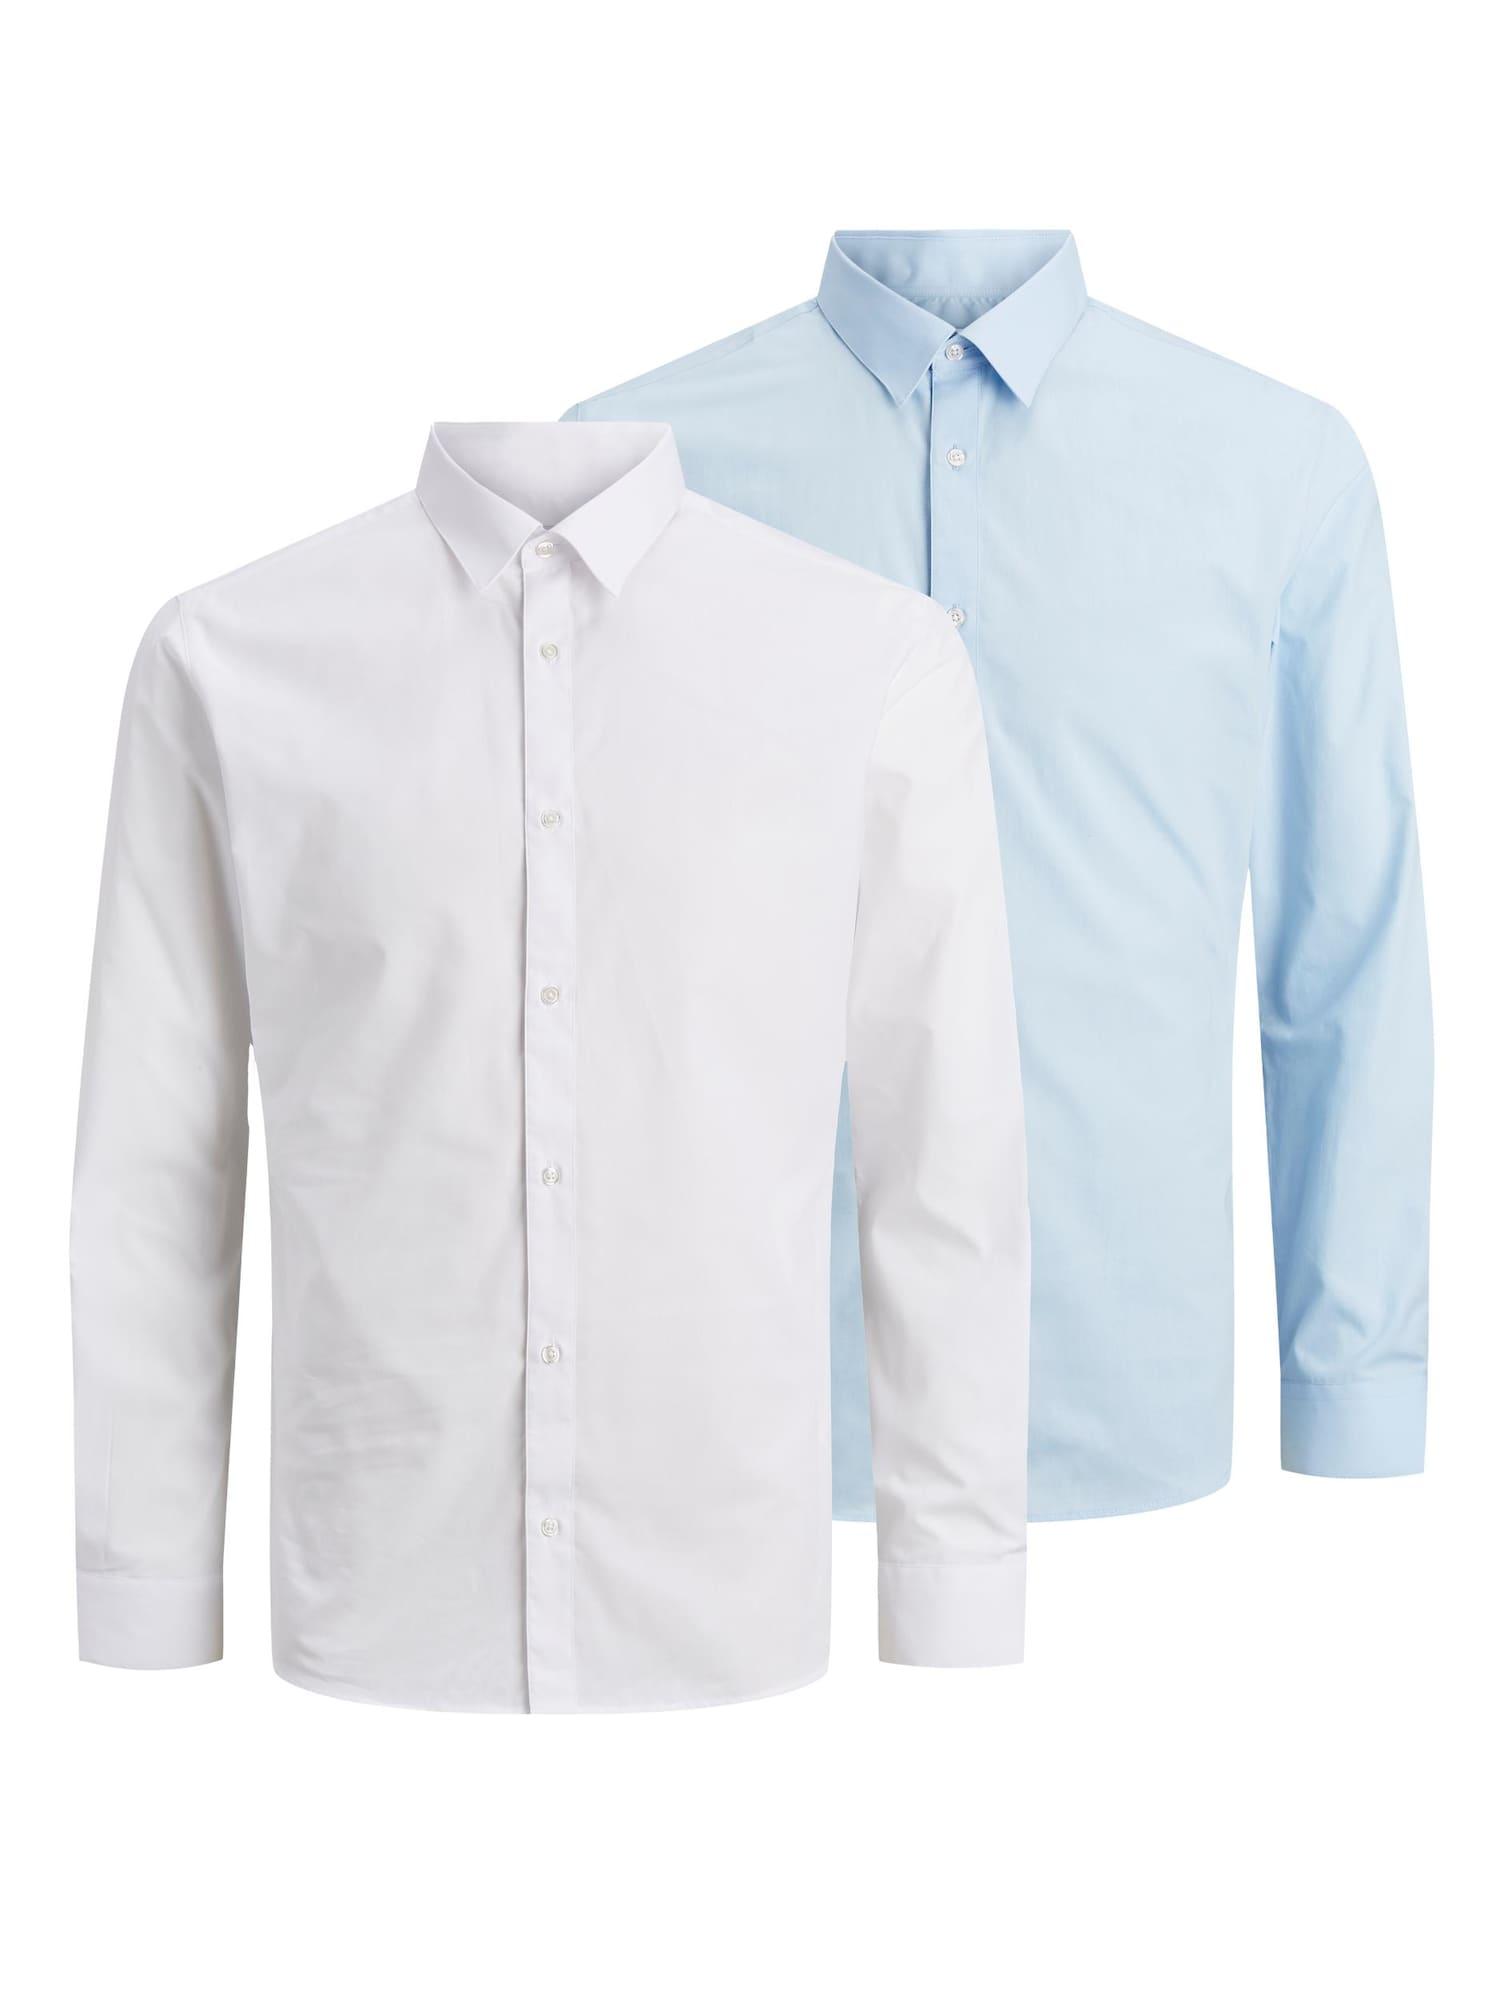 JACK & JONES Dalykinio stiliaus marškiniai balta / šviesiai mėlyna